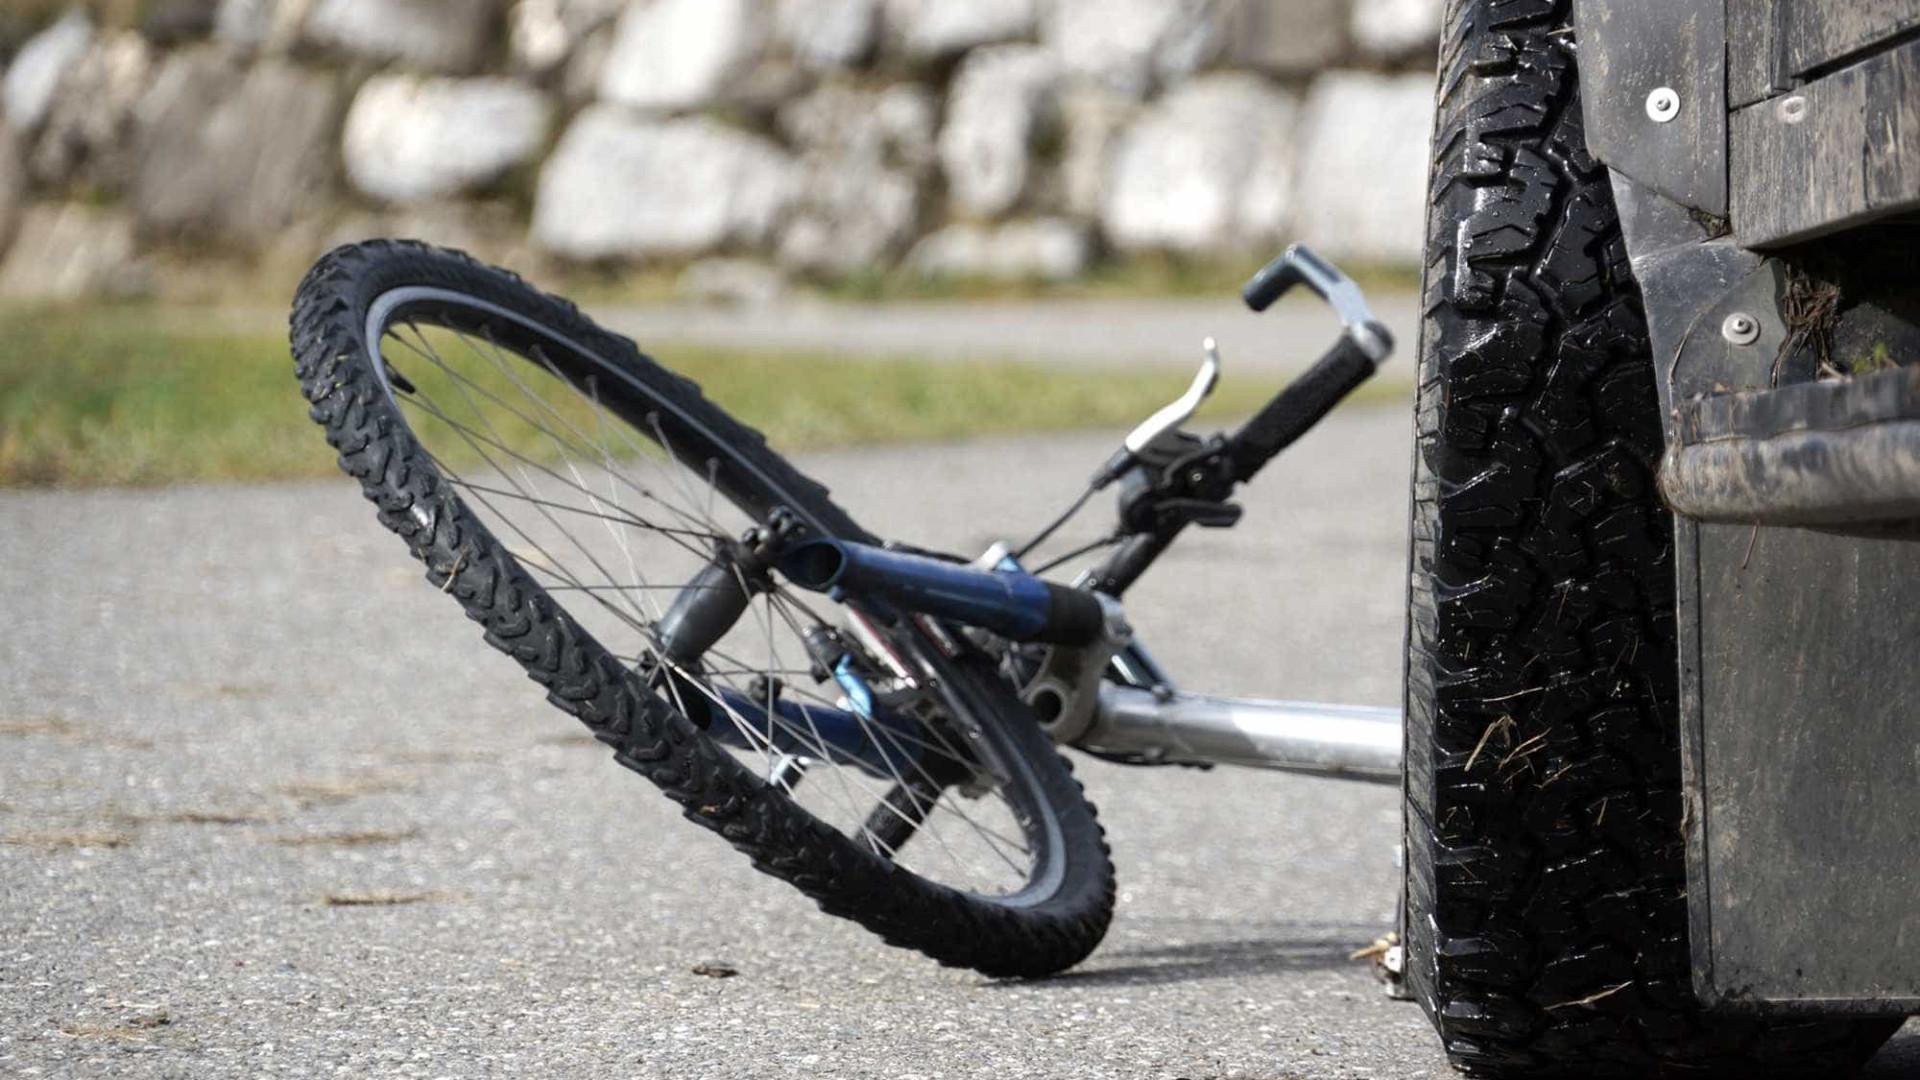 Ciclista morre atropelado no Algarve. Condutor fugiu do local